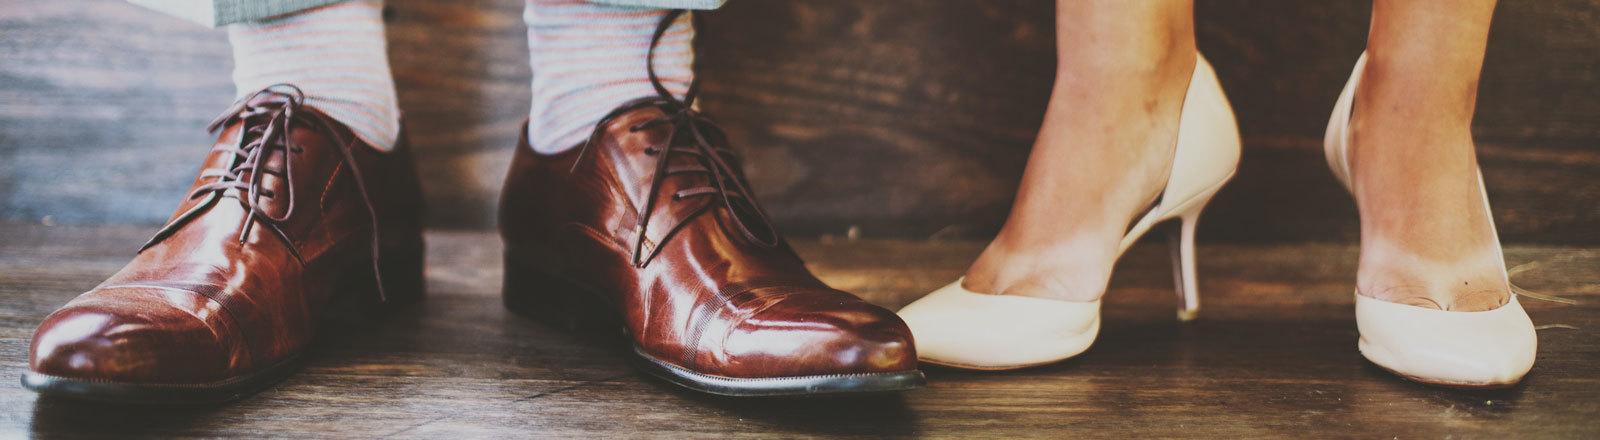 Die Schuhe einer Braut und eines Bräutigams.